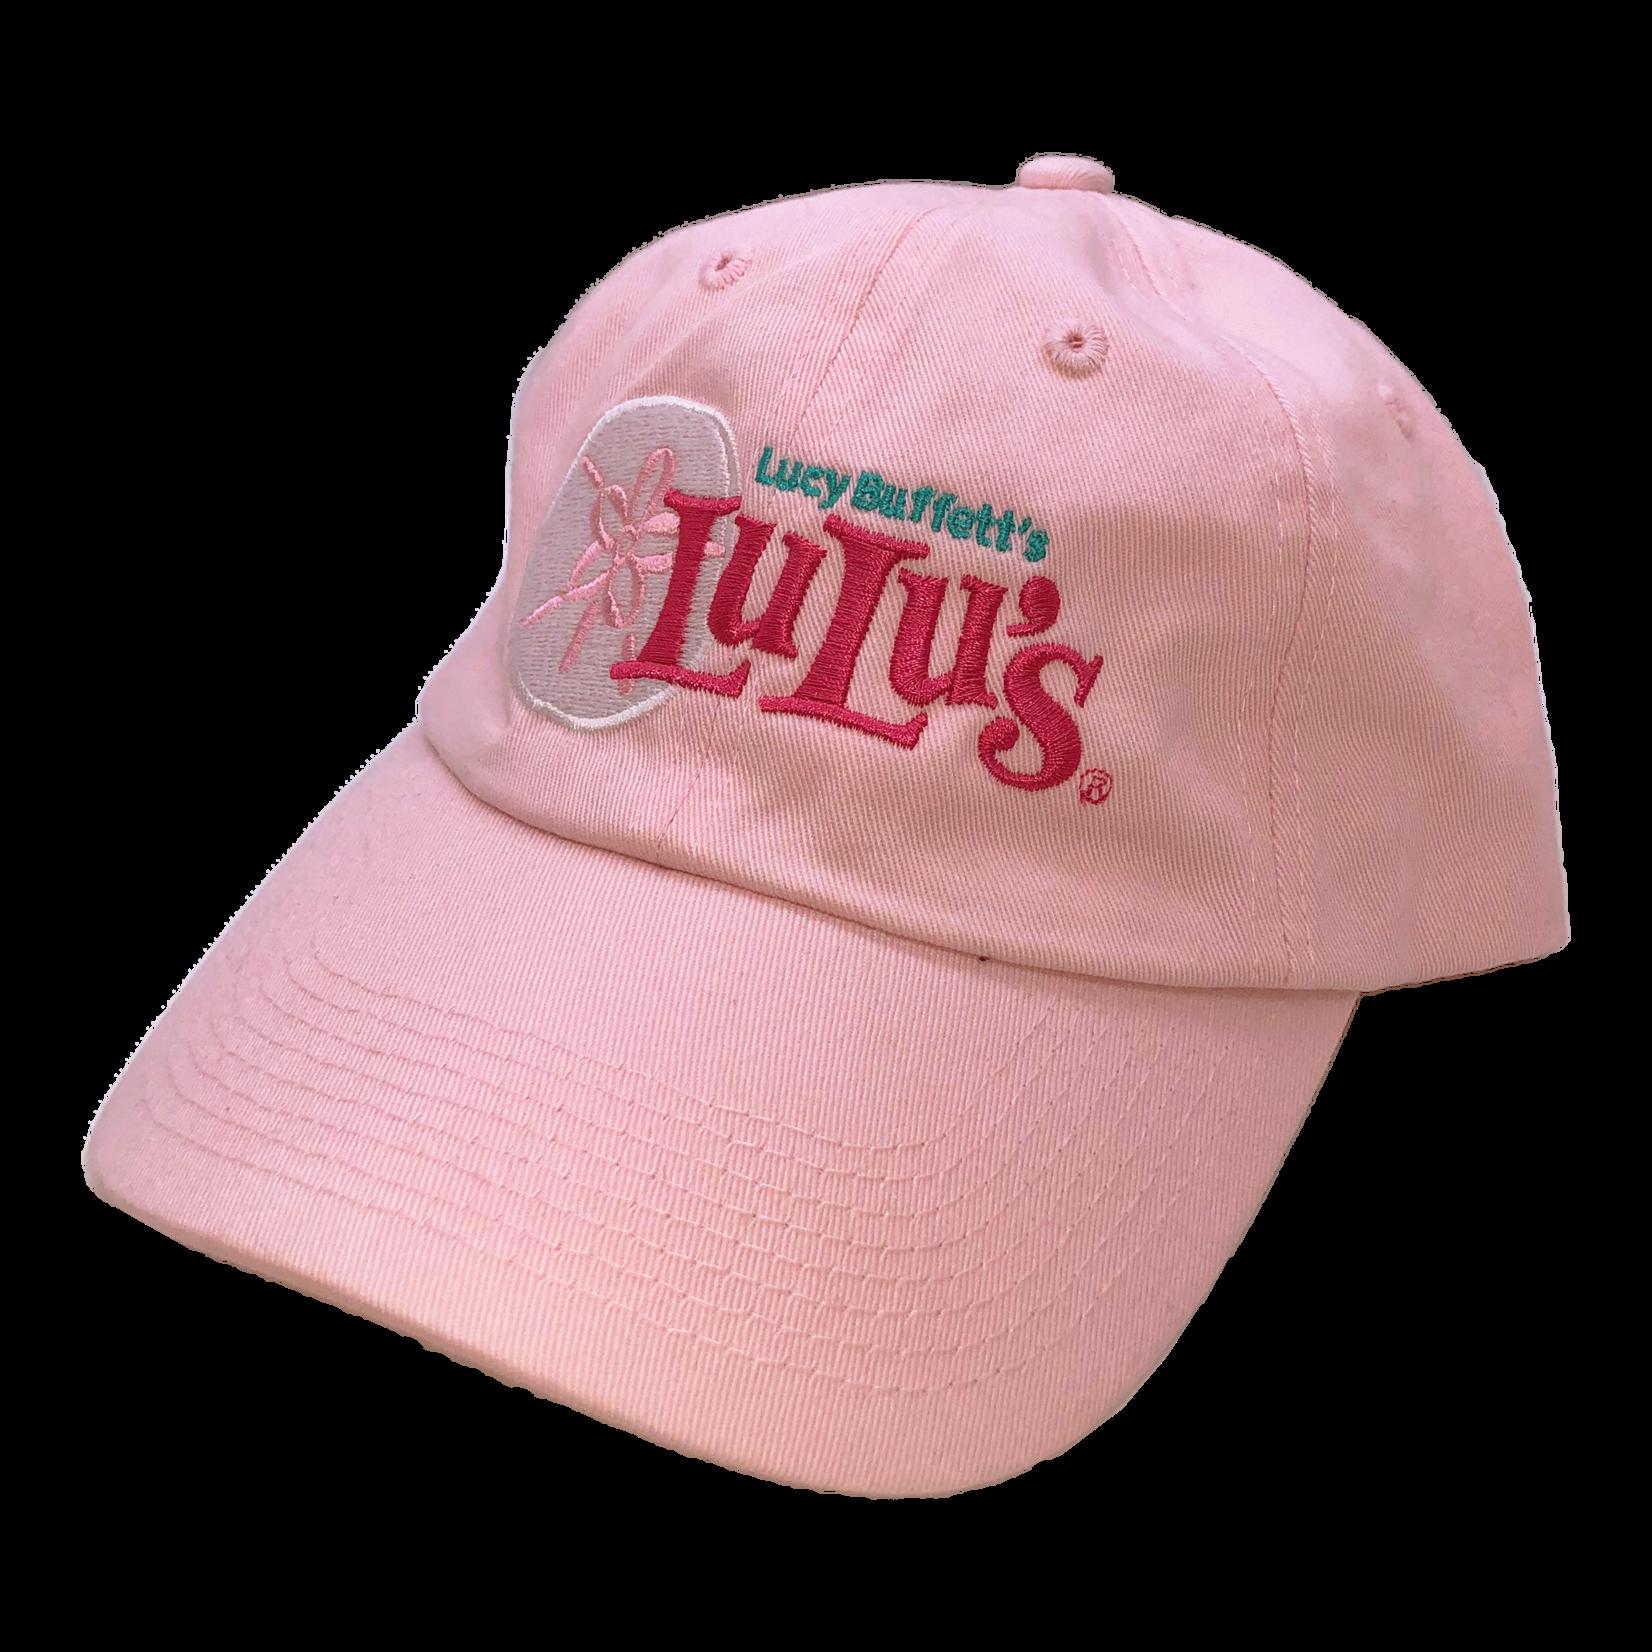 LuLu's Logo LuLus Sand Dollar Hat